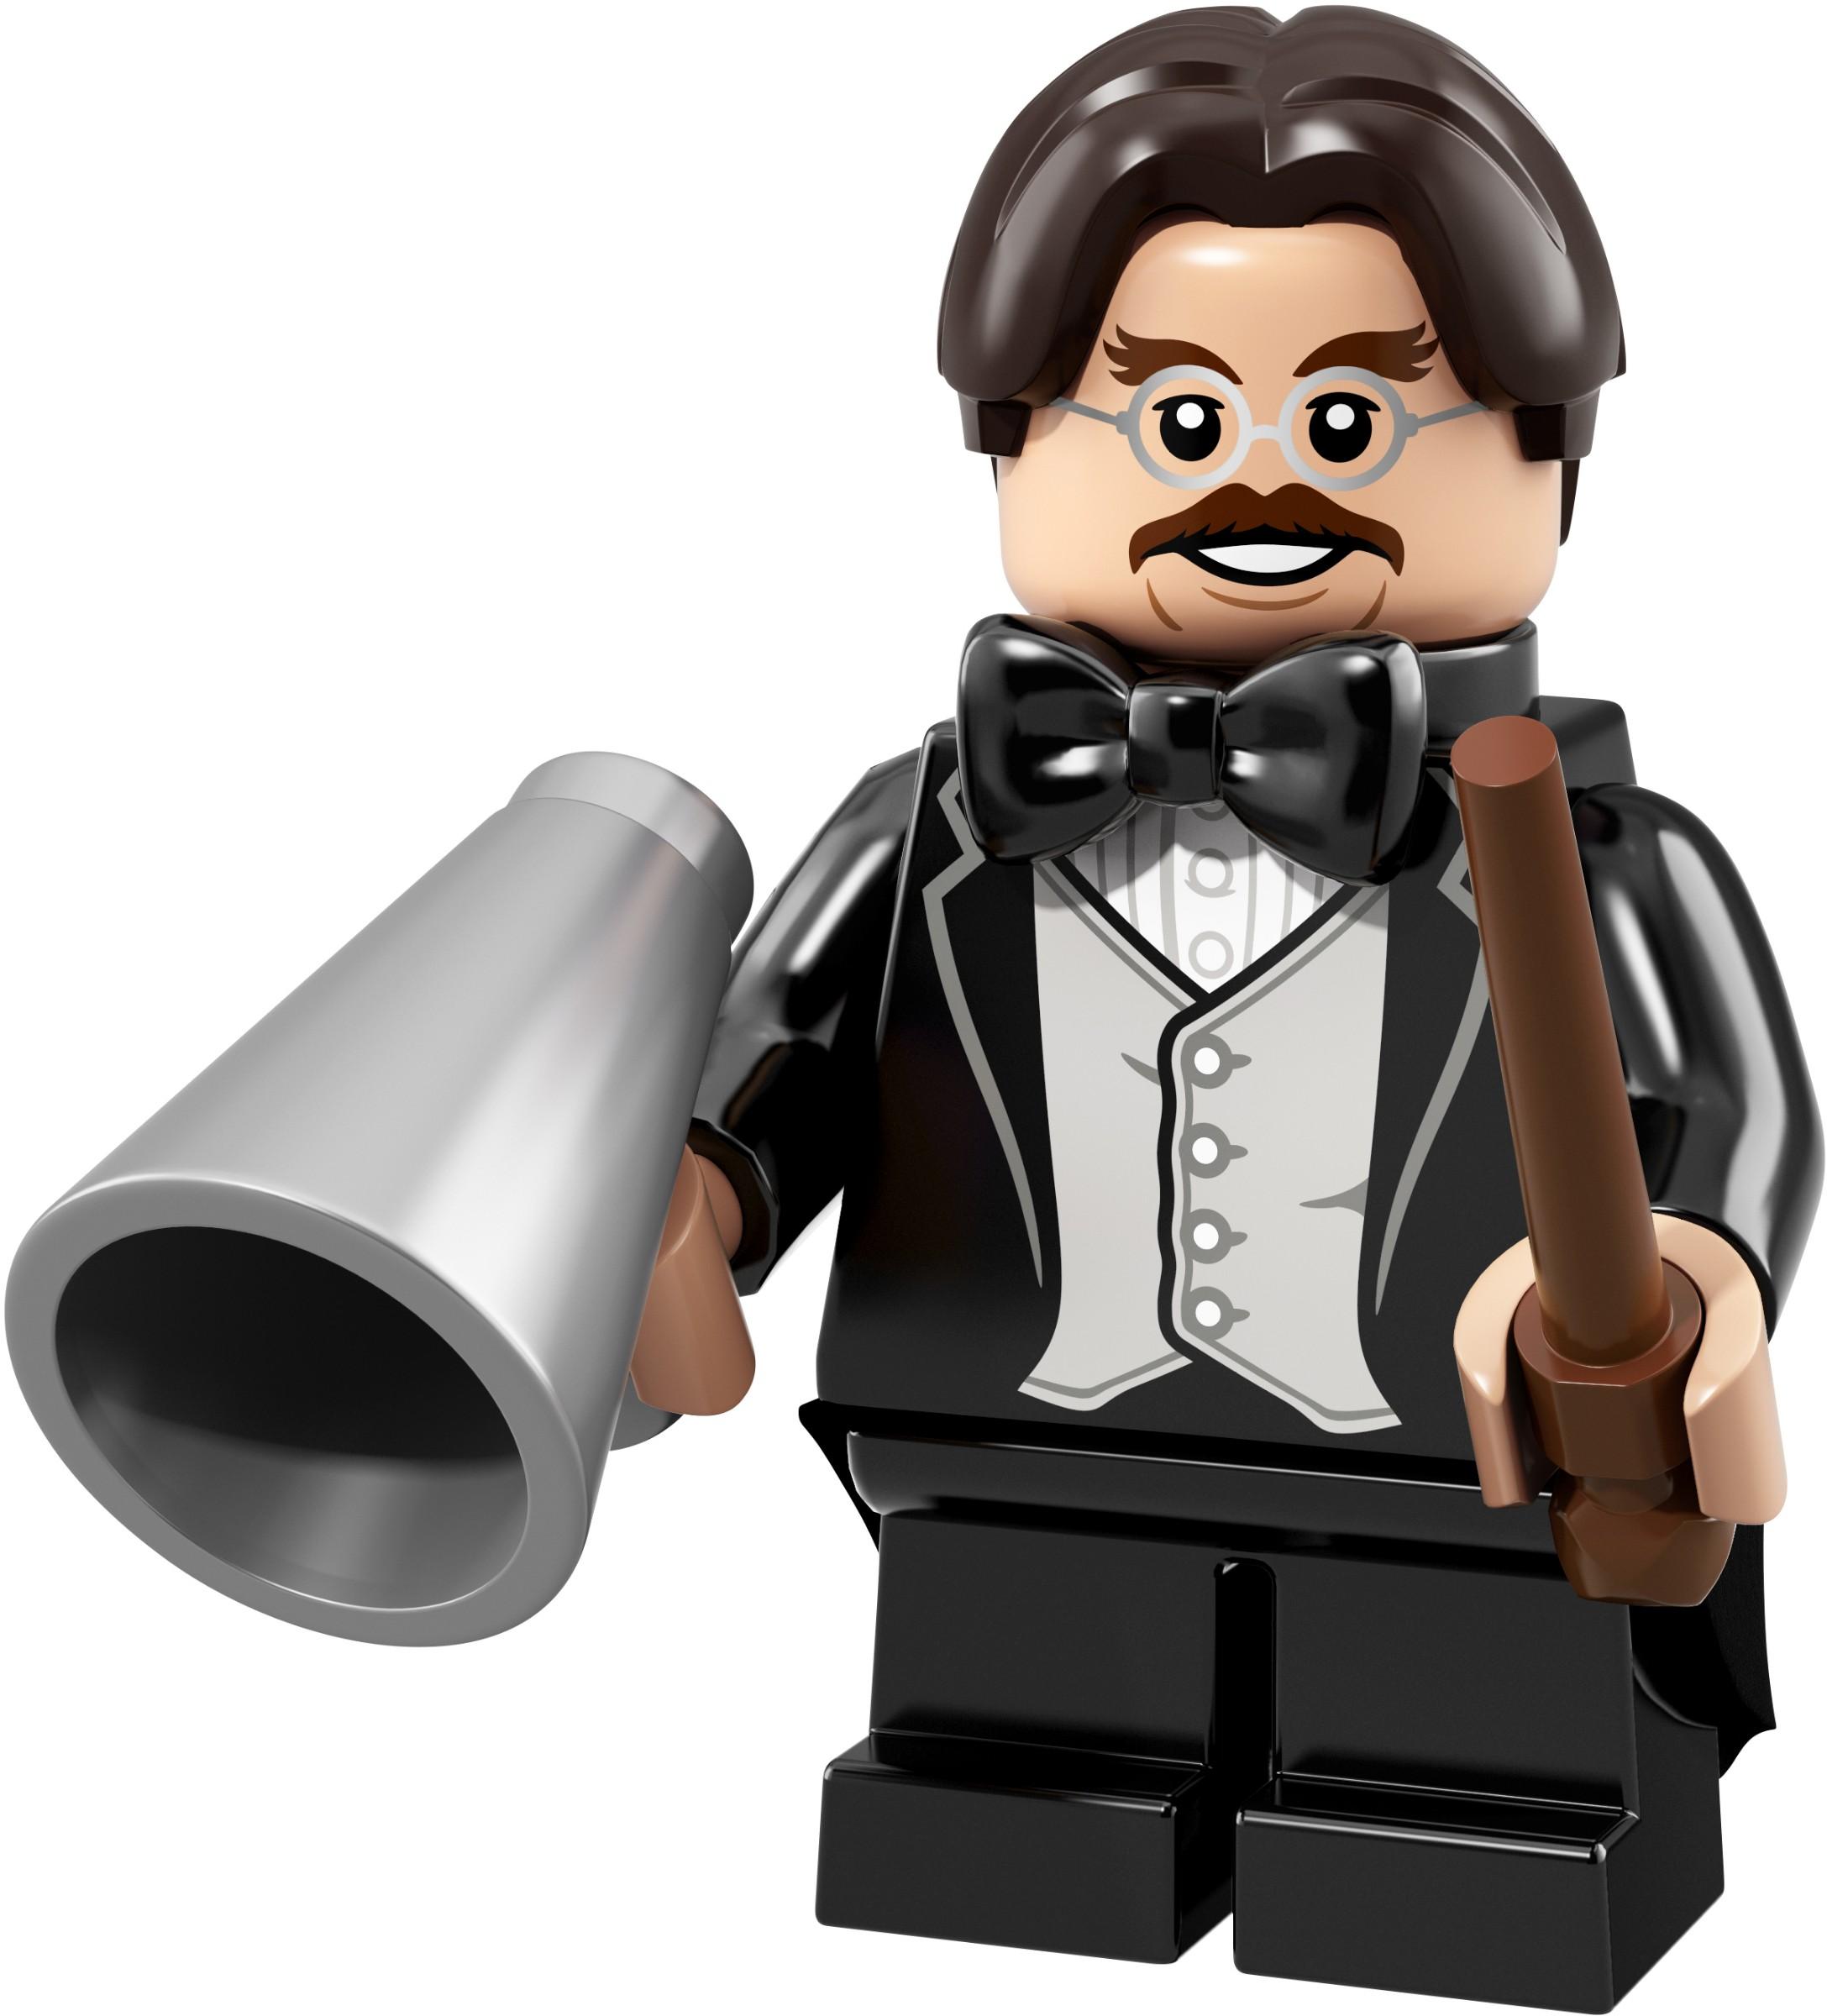 New Lego 71022 Fantastic Beast Harry Potter Sybil Trelawney Minifigure